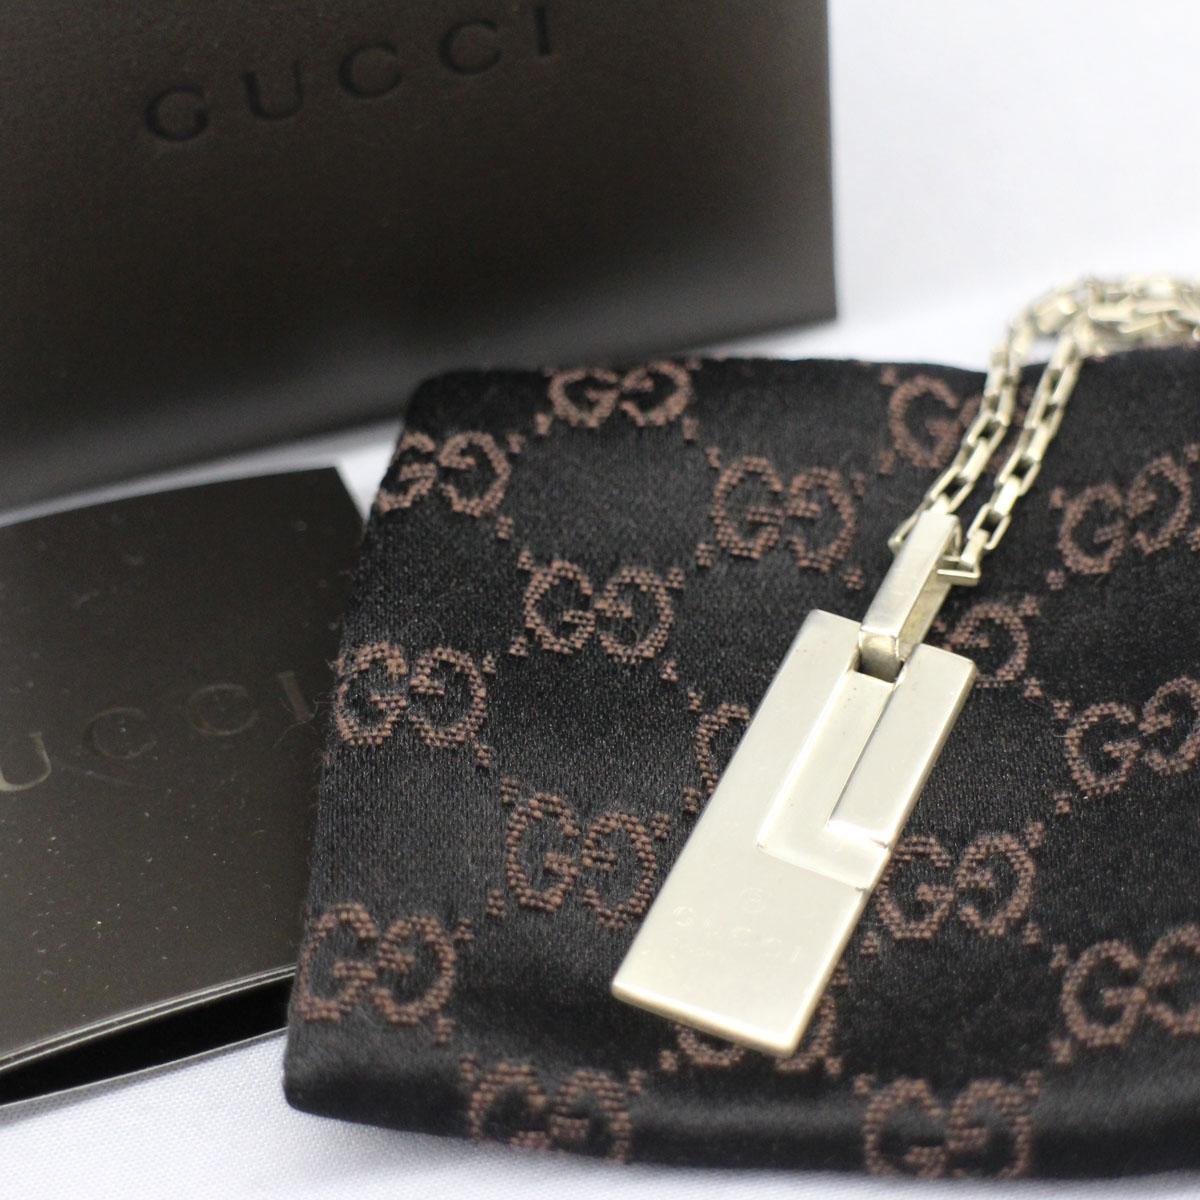 【中古】◆GUCCI グッチ ネックレス Gプレート silver /シルバー 925 ◆ アクセサリー 服飾小物